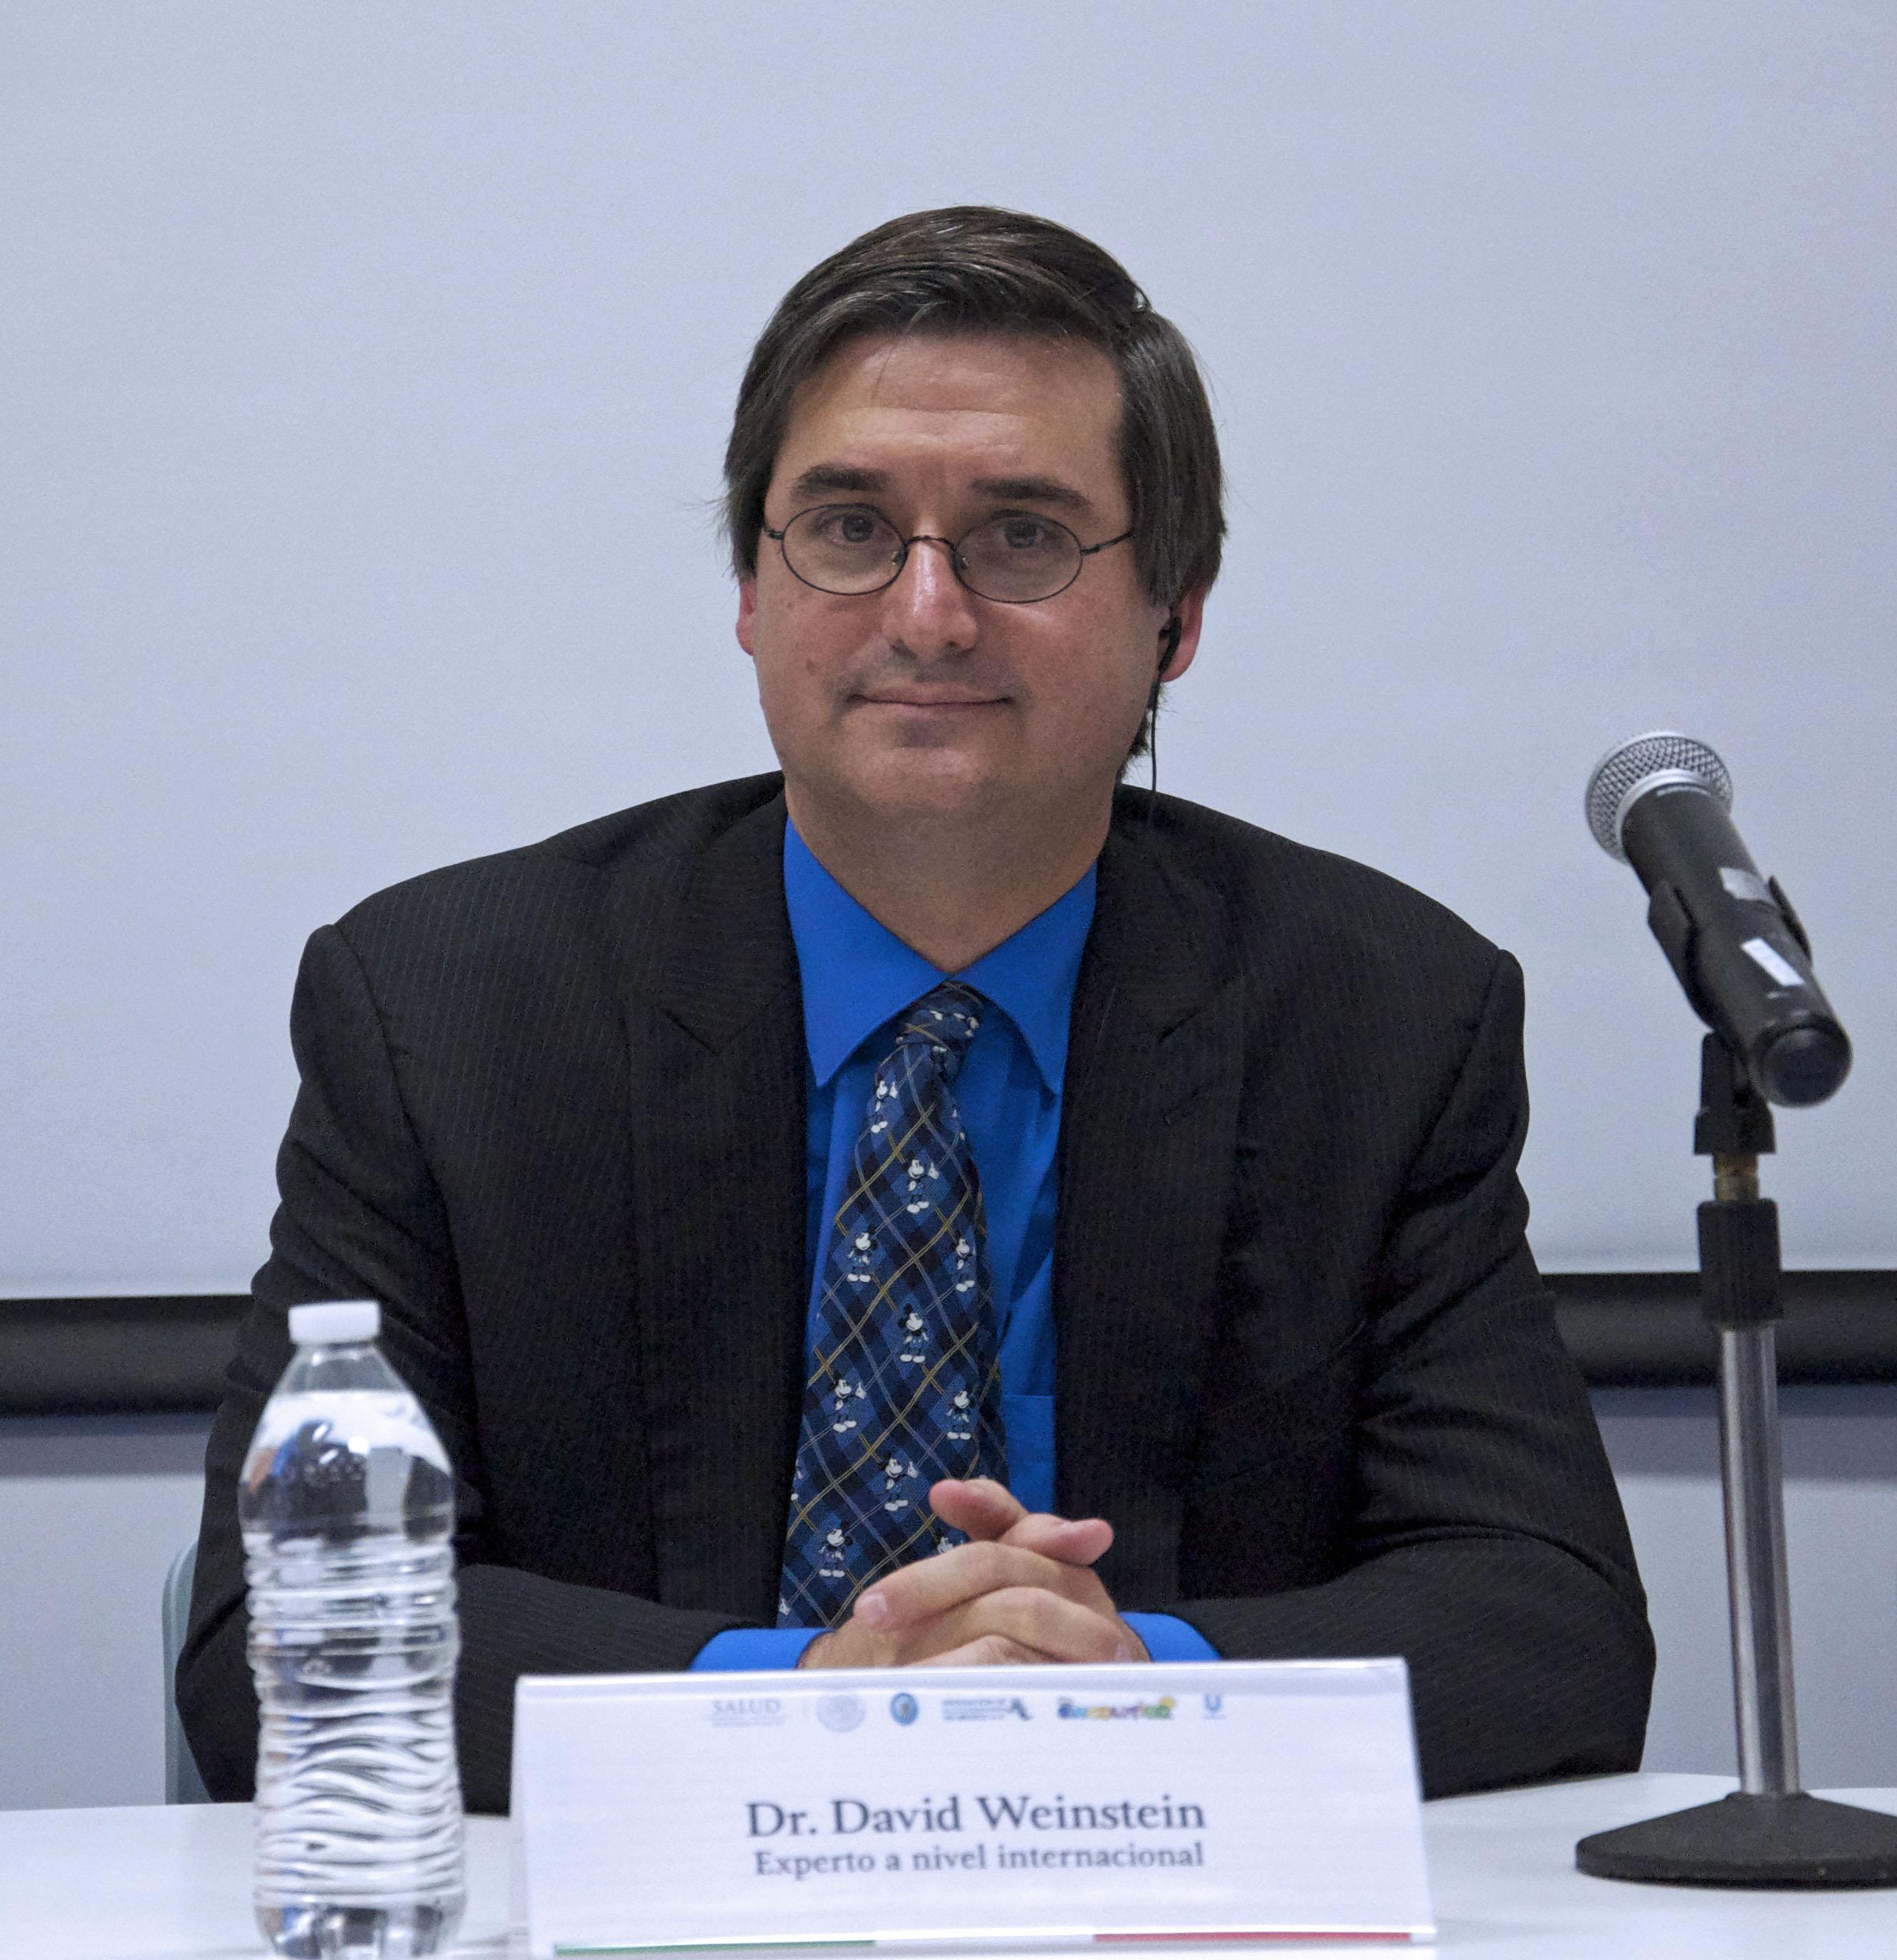 Dr David Weinsteinjpg